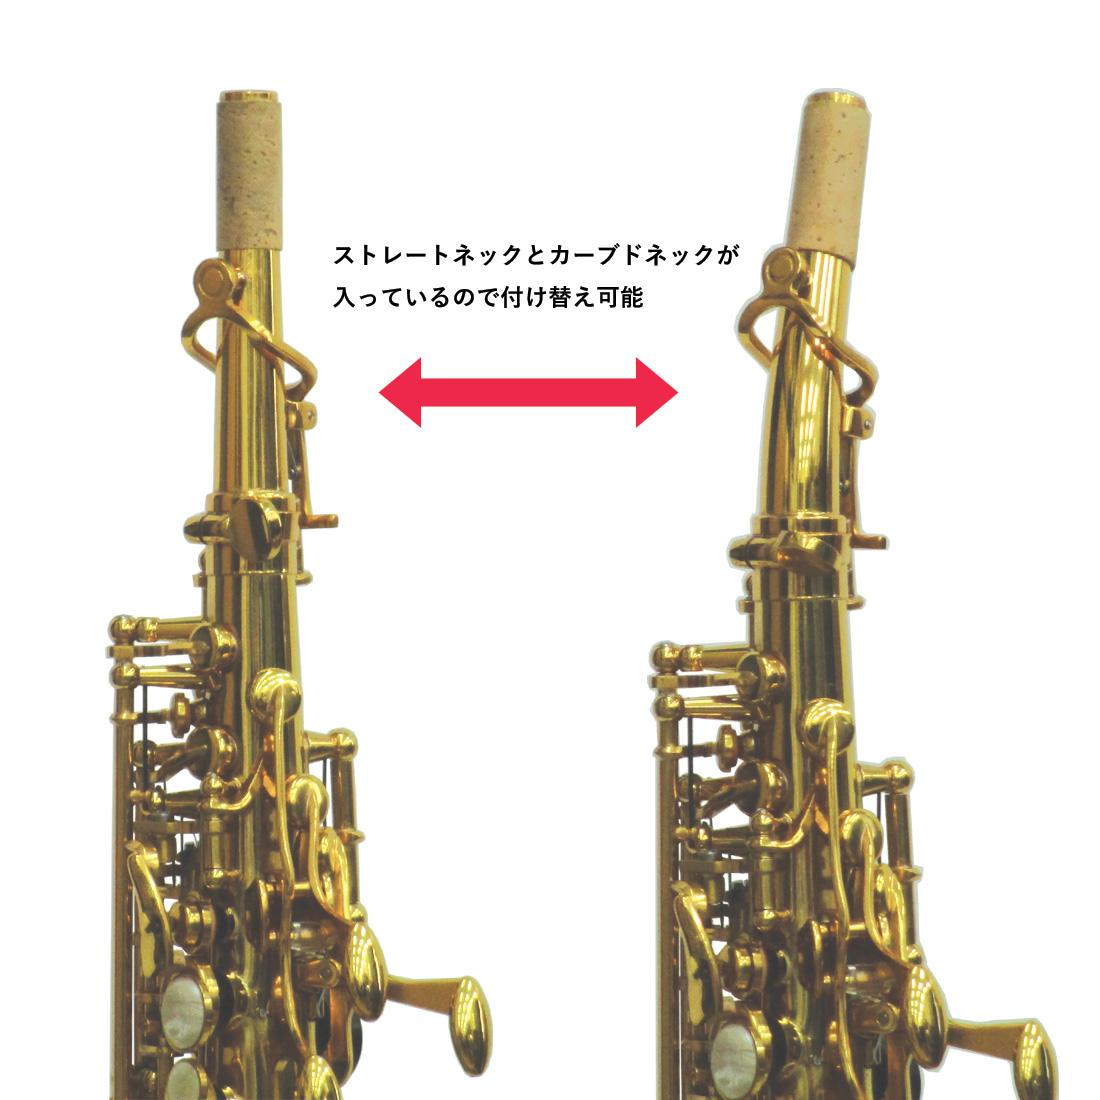 スタンダードなストレートネックと、音色がより柔らかくなるカーブドネックの2タイプを付け替えることが出来るのでお好みでお選びいただけます。